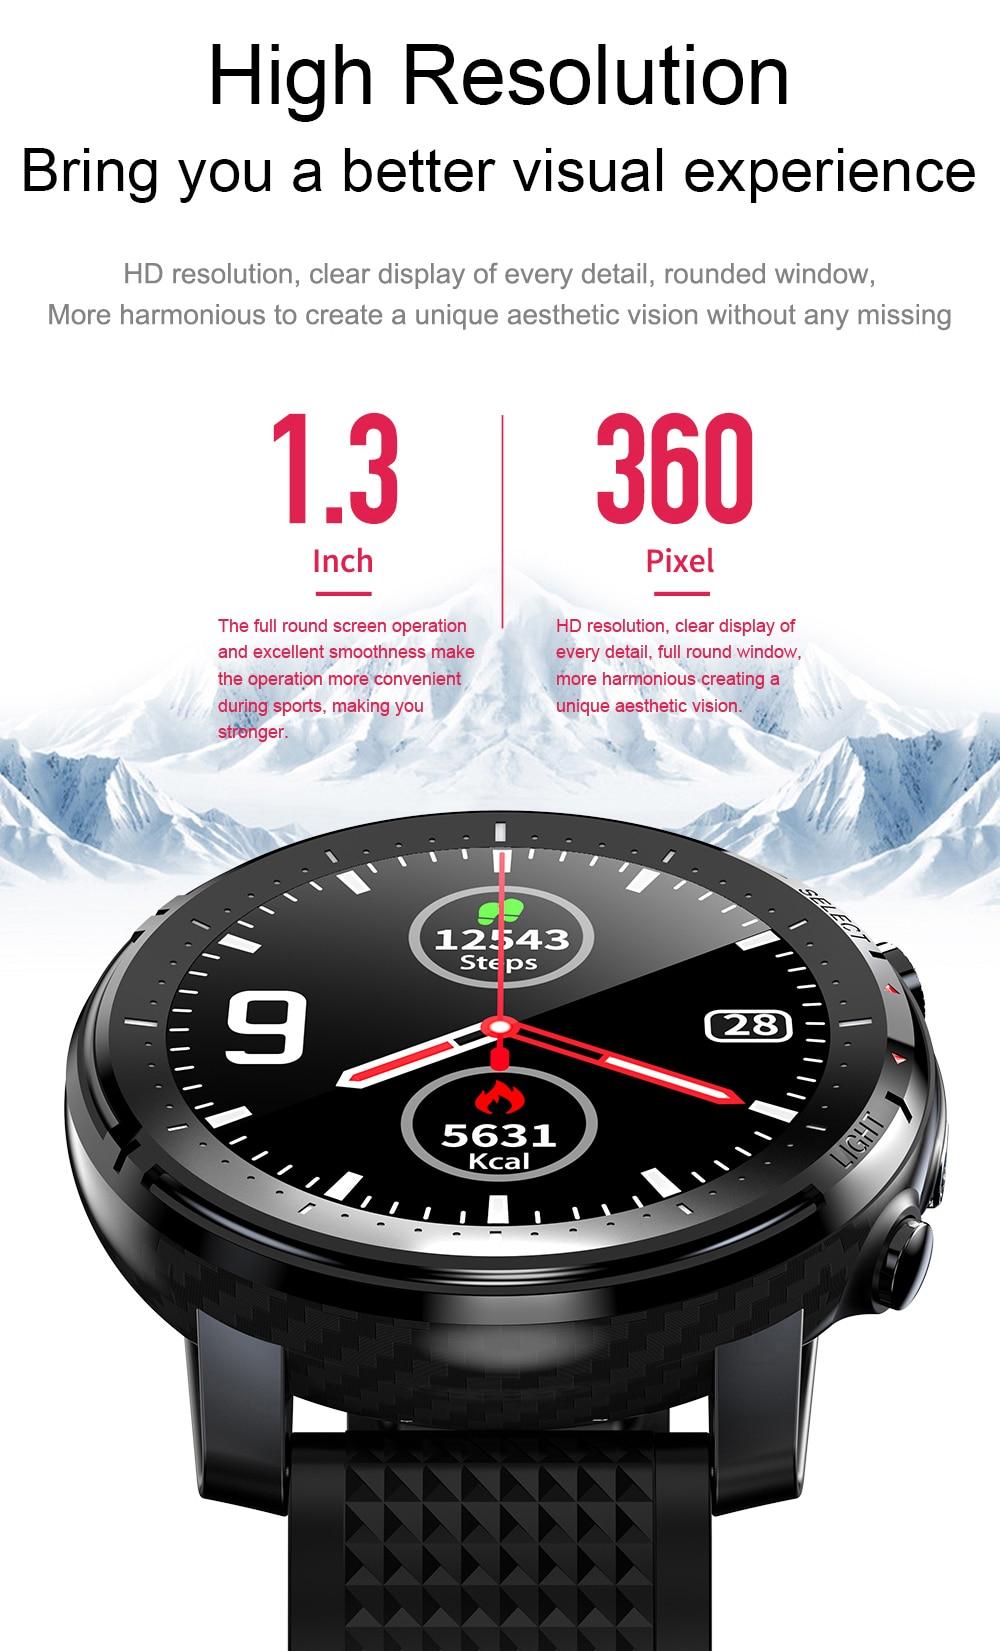 H24313afcca744dd085796b9dd54bef66E Timewolf Reloj Inteligente Smart Watch Men 2021 IP68 Waterproof Android Smartwatch Smart Watch for Men Women Android Phone IOS